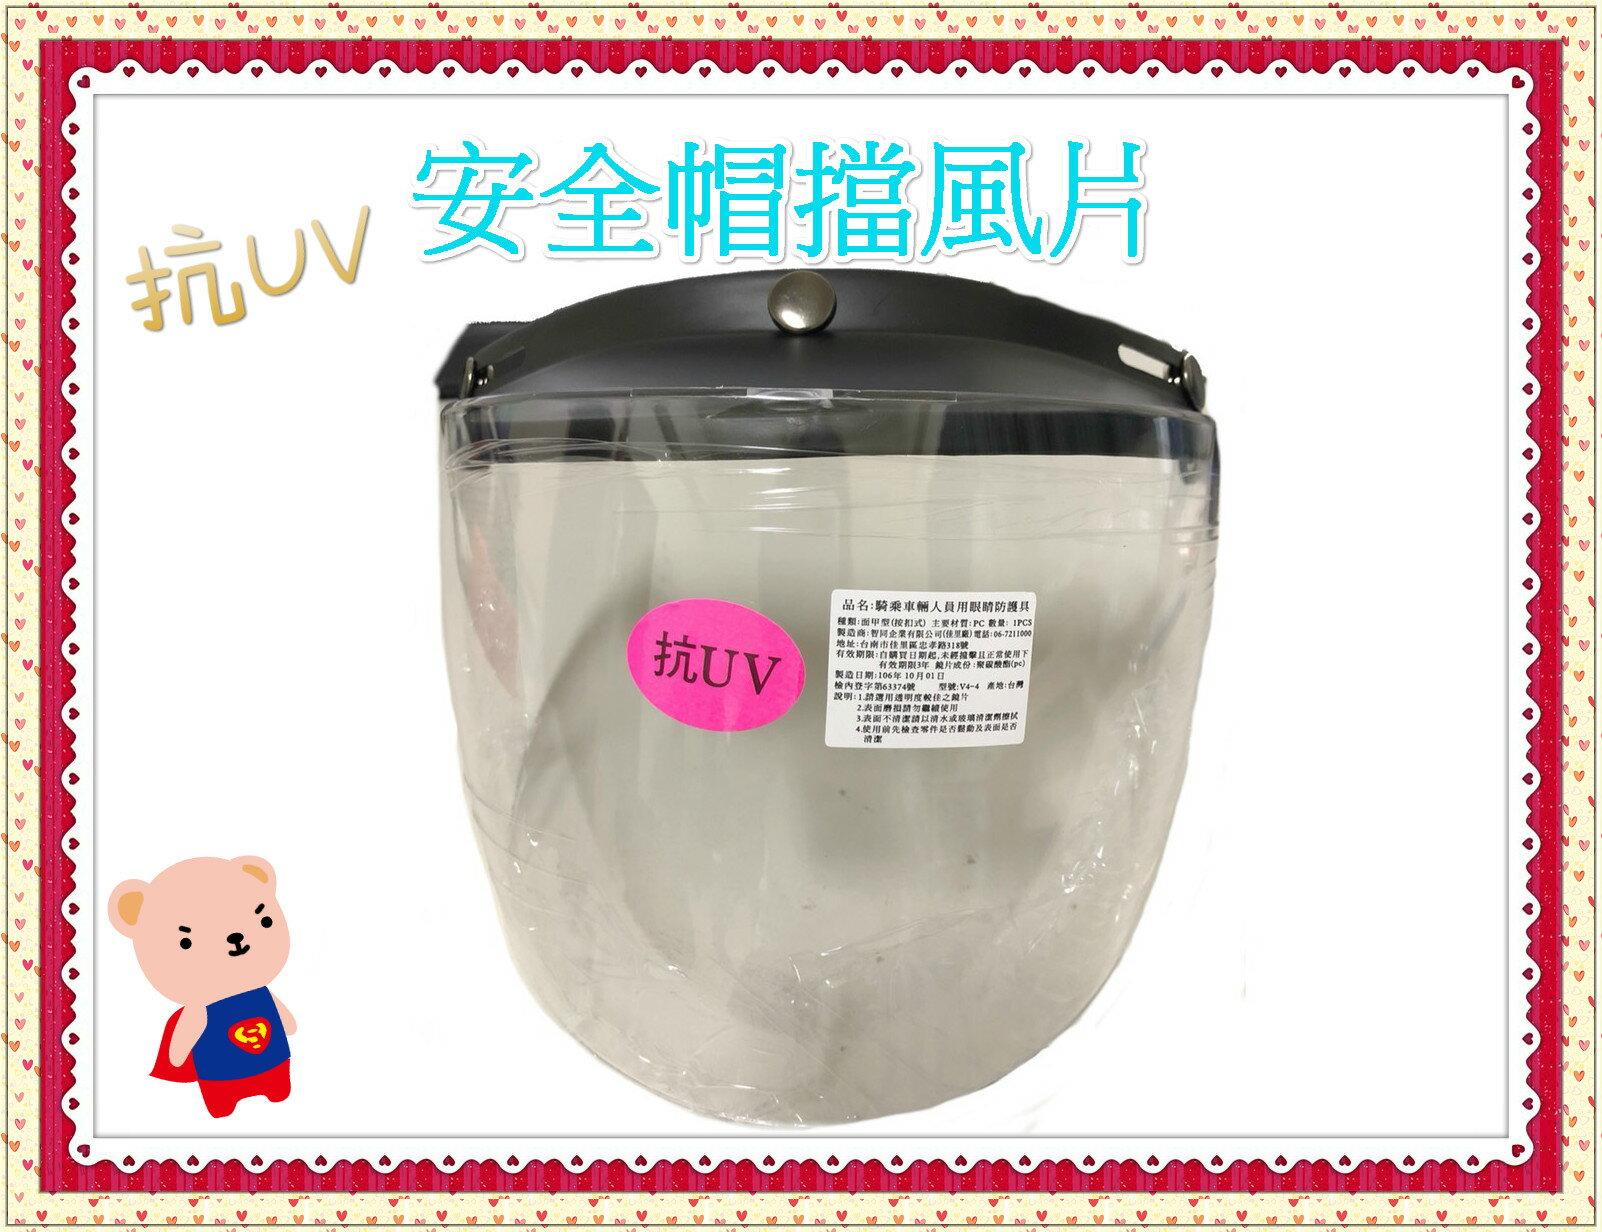 ❤安全帽擋風片❤抗UV❤防紫外線❤安全帽鏡片❤長鏡片❤半罩式❤防護具❤台灣製造